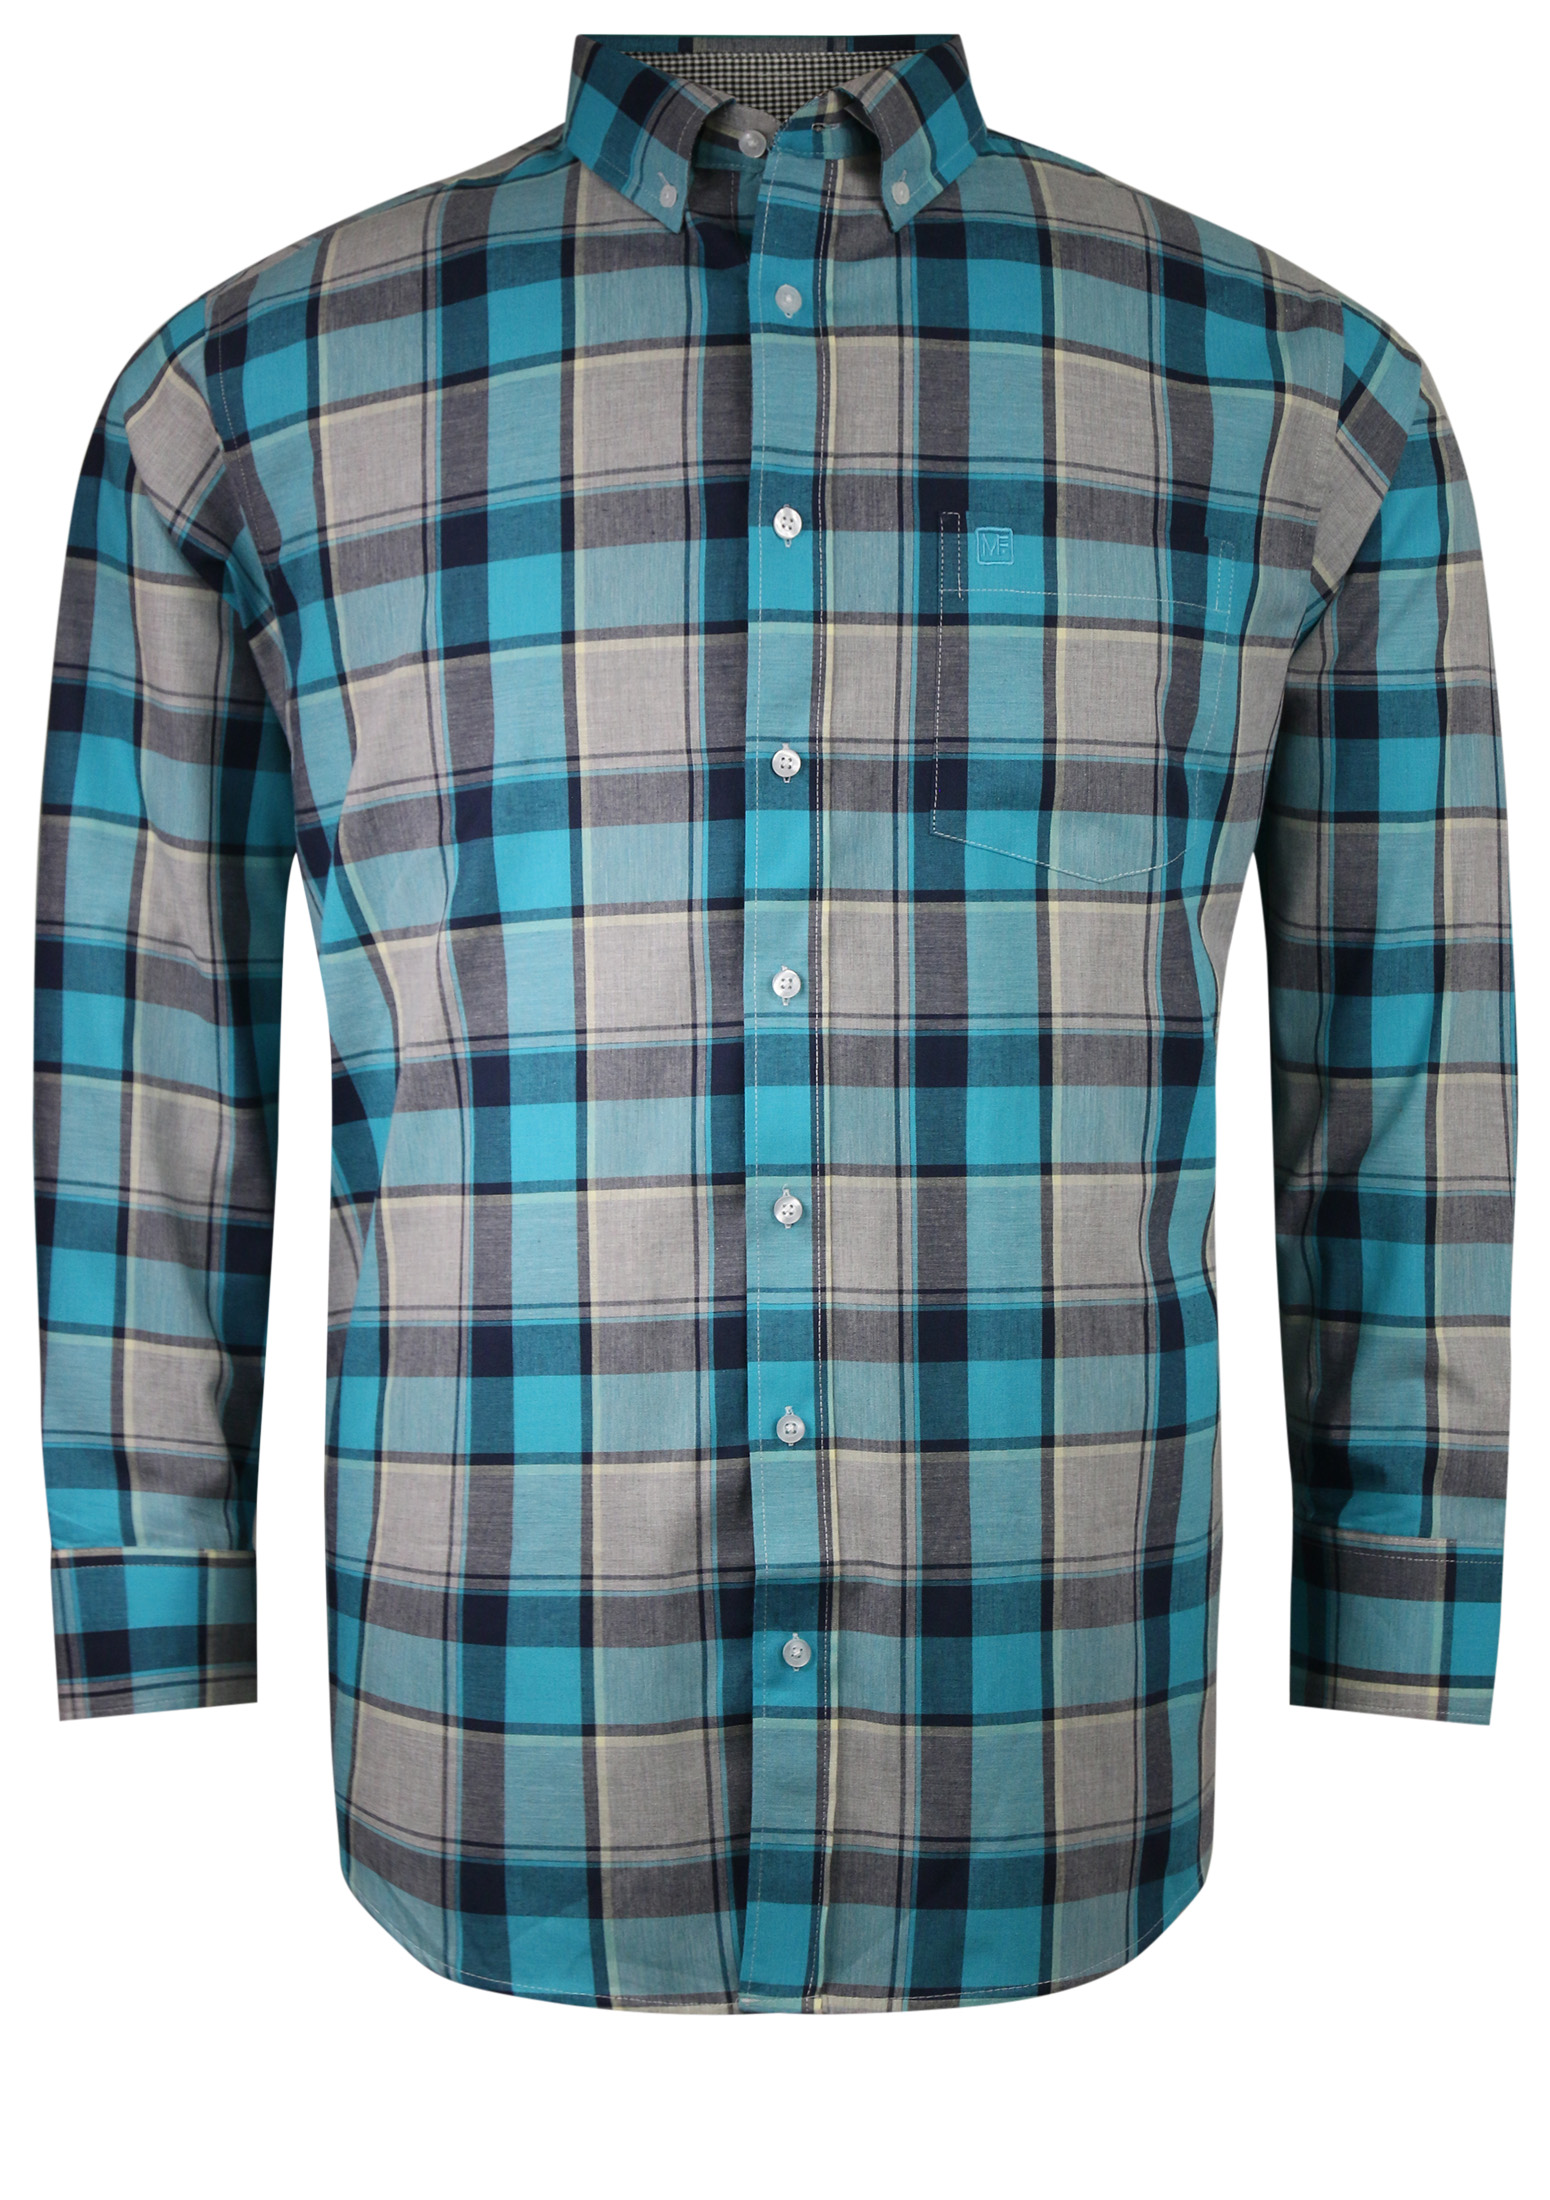 Overhemd met lange mouwen van Melvinsi met linker borstzakje, contrastkleur stof in de boorden en button down kraag. Groen en grijs geblokte stof.